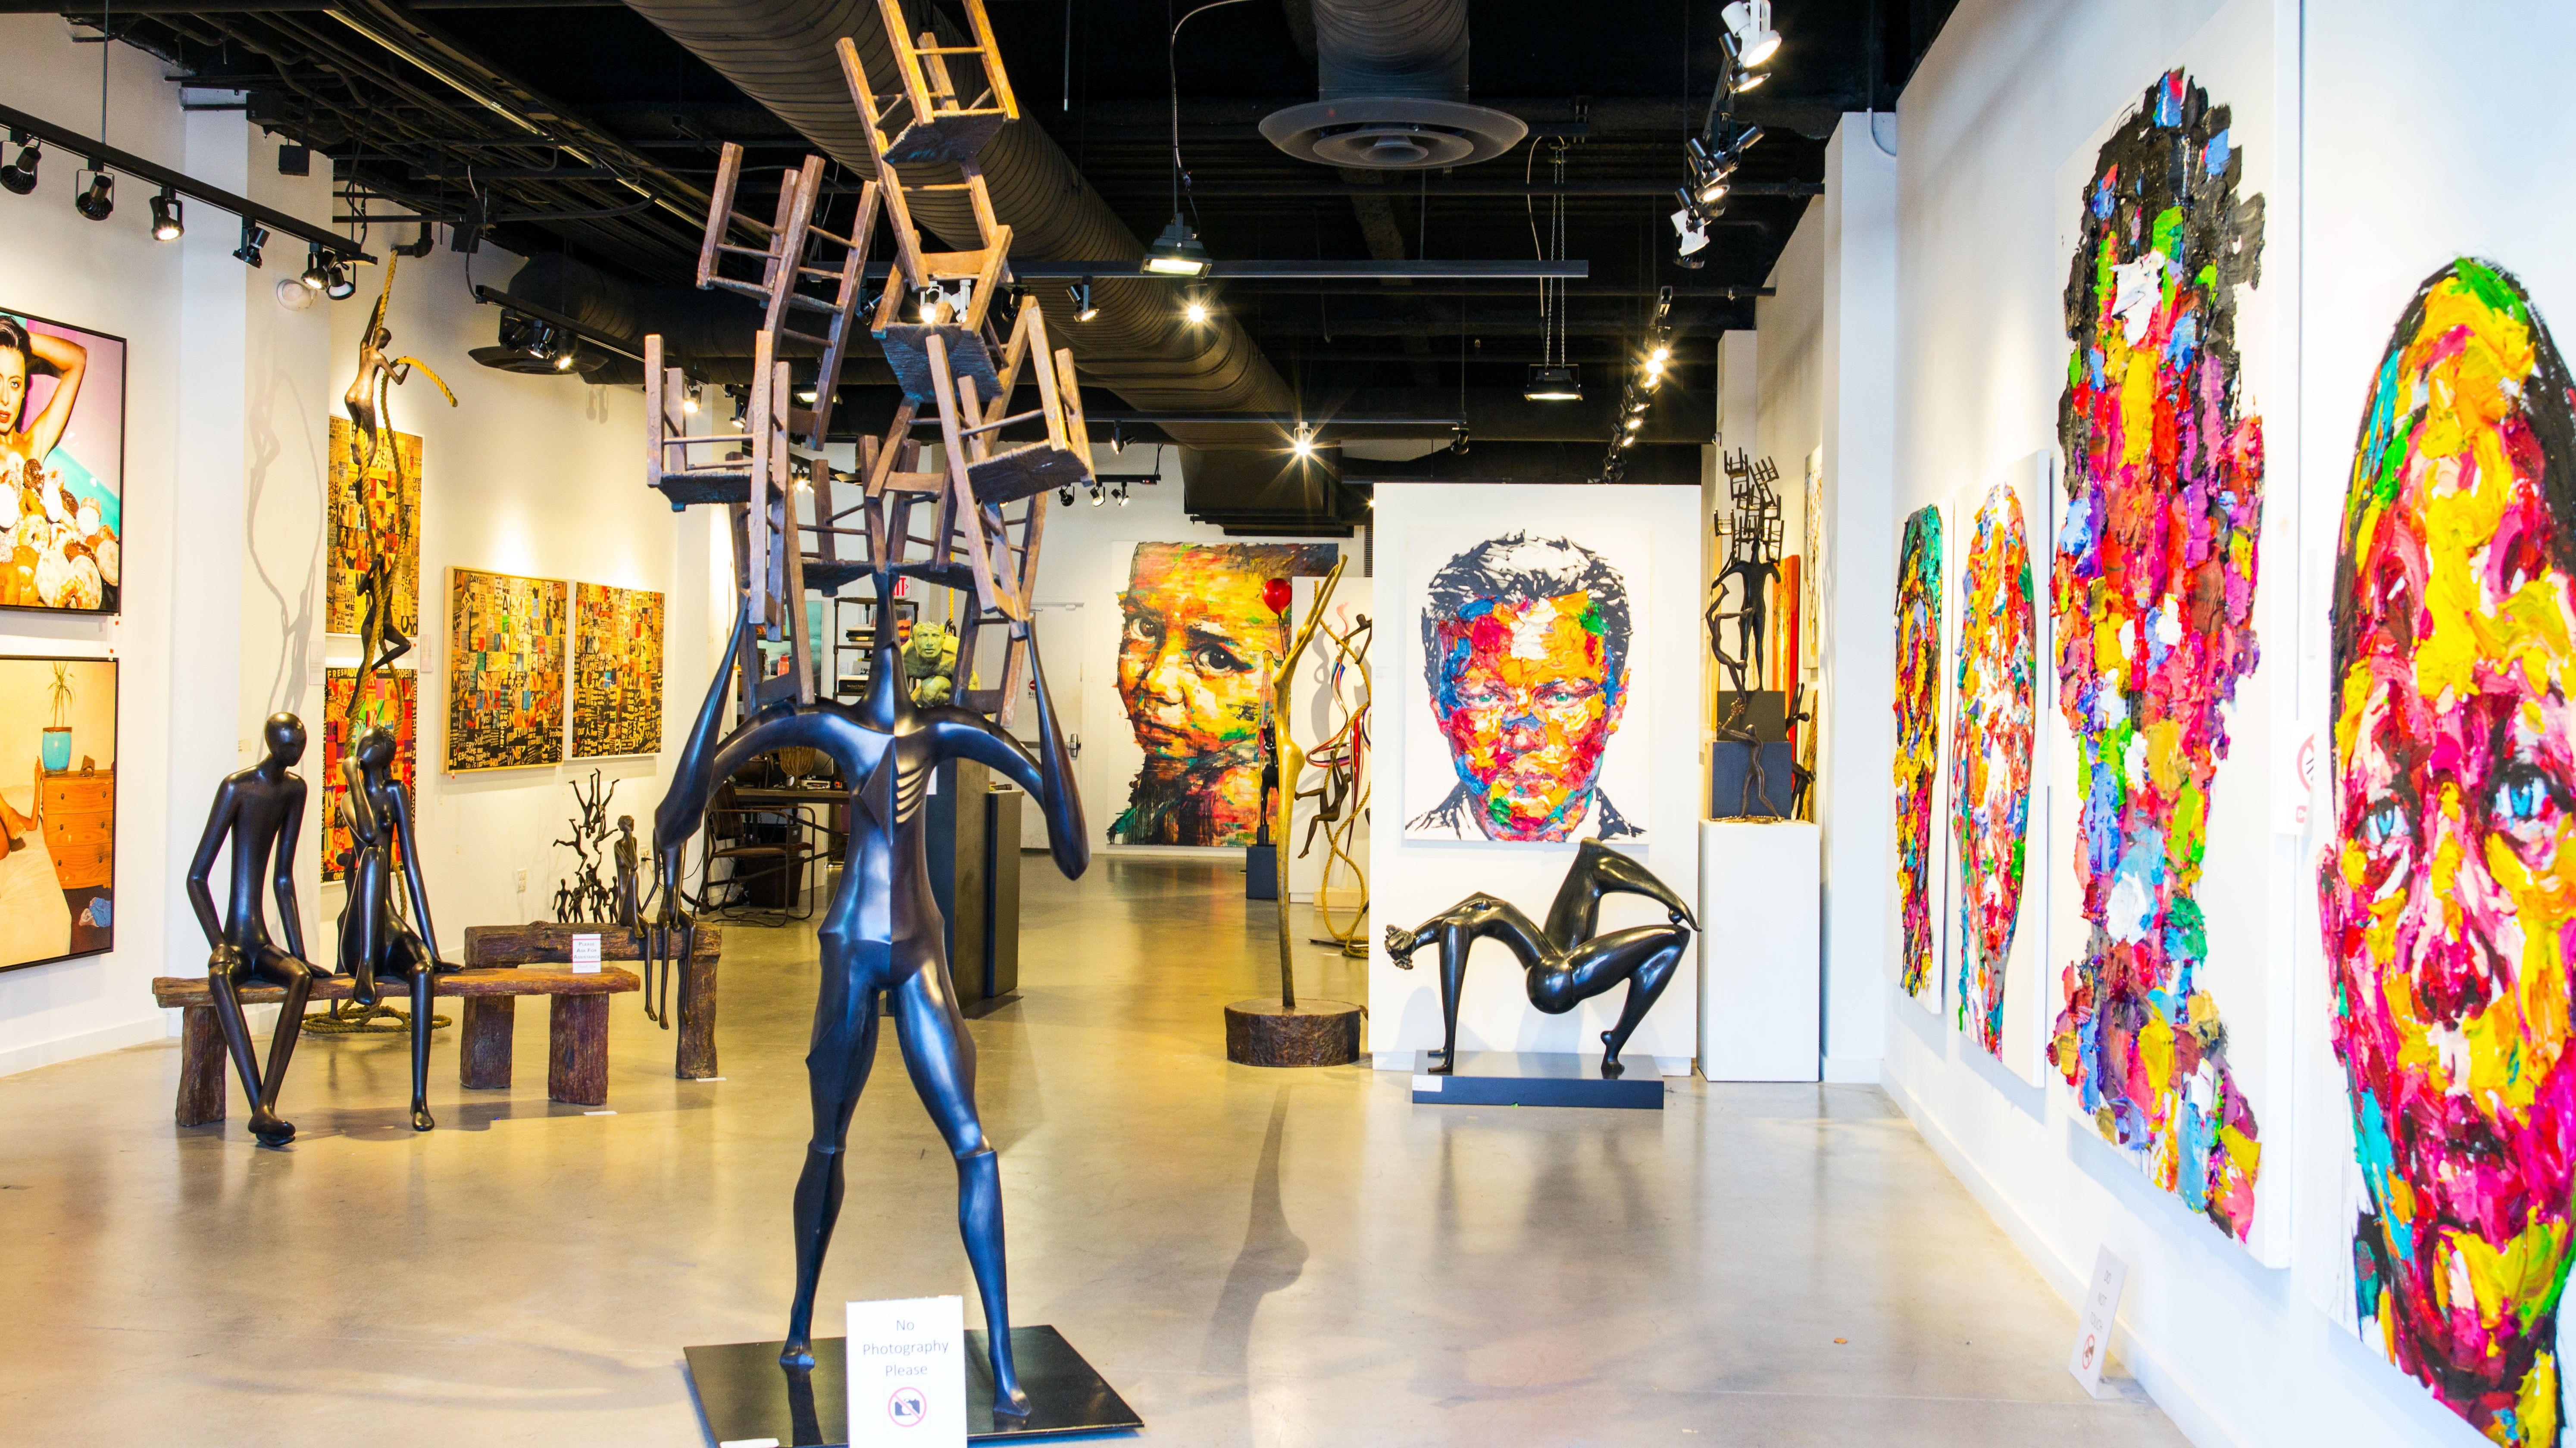 Eine moderne Kunstausstellung in Fishermans Warf Gebiet